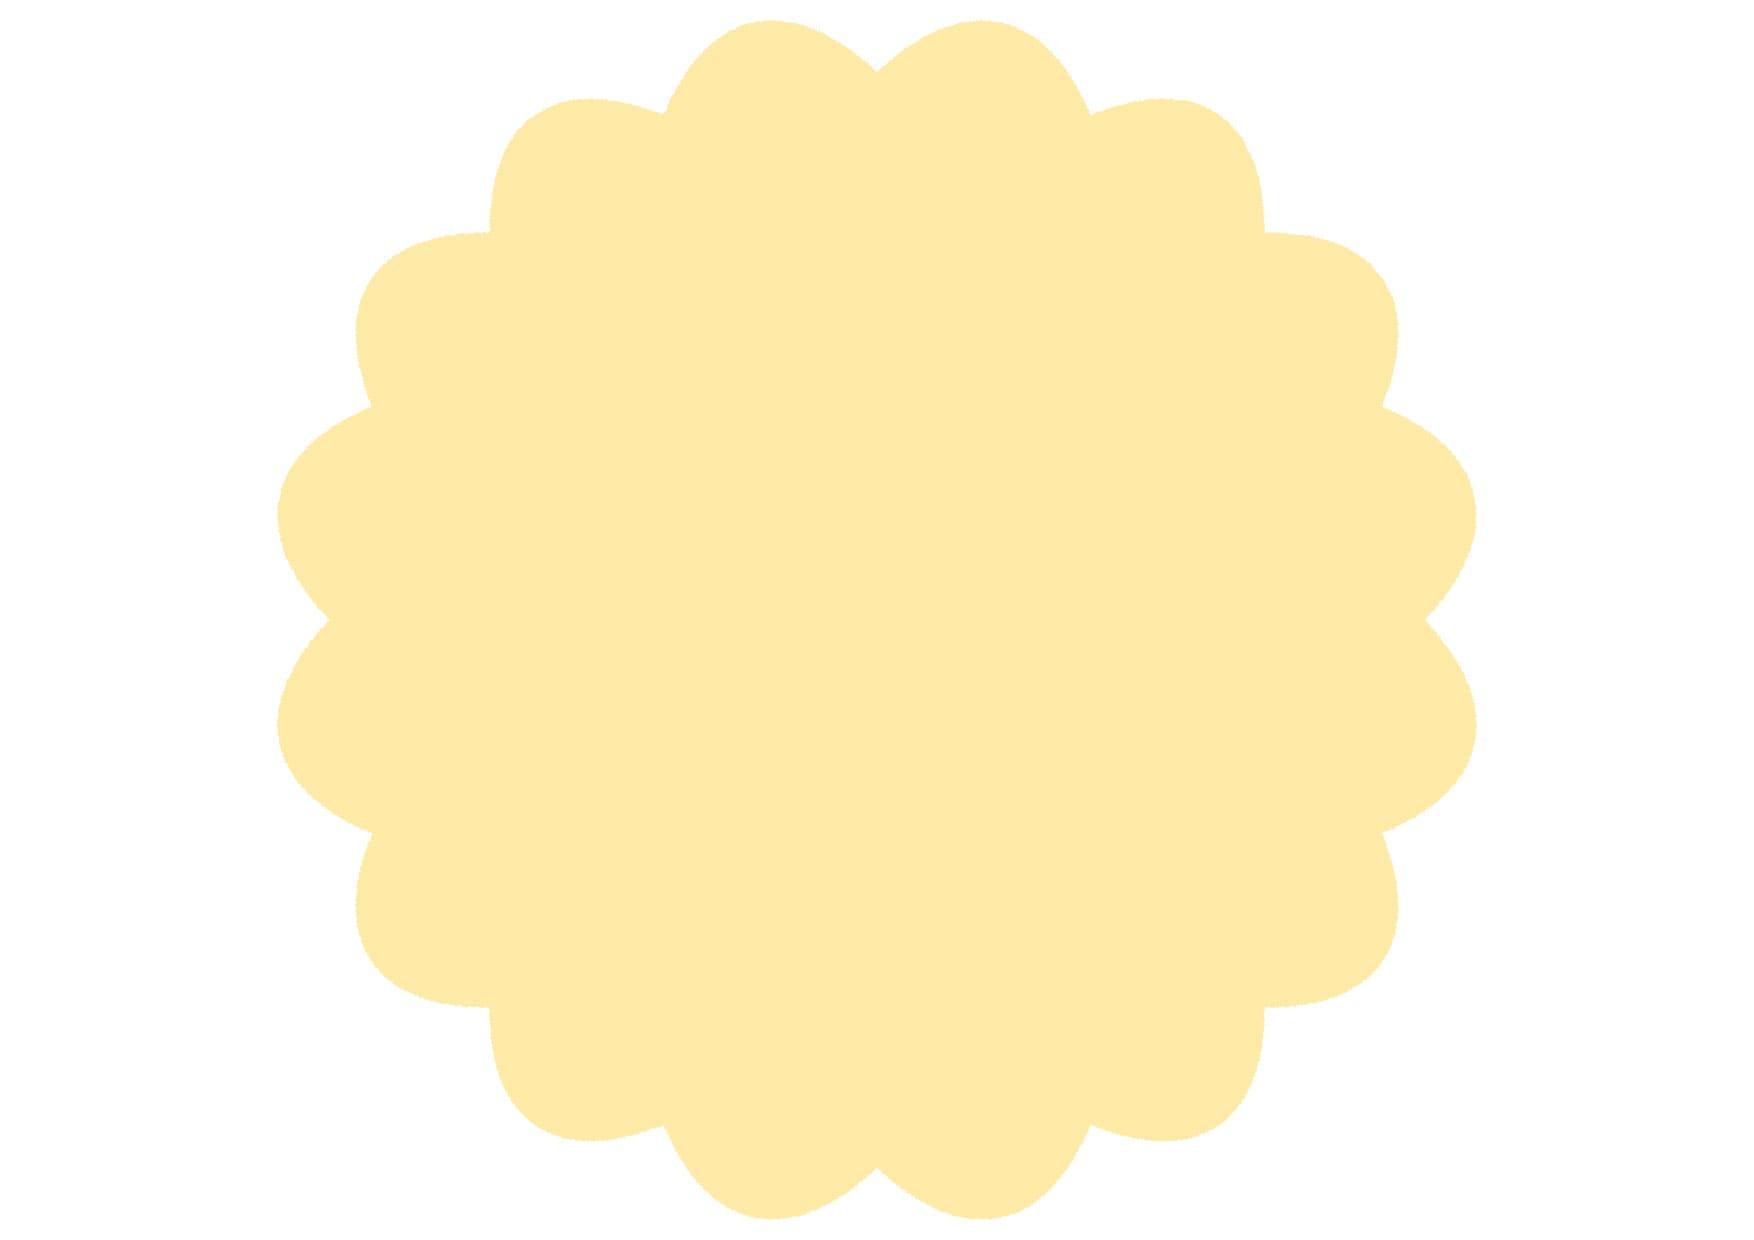 可愛いイラスト無料|シンプル やわらかい フレーム 黄色 − free illustration Simple soft frame yellow